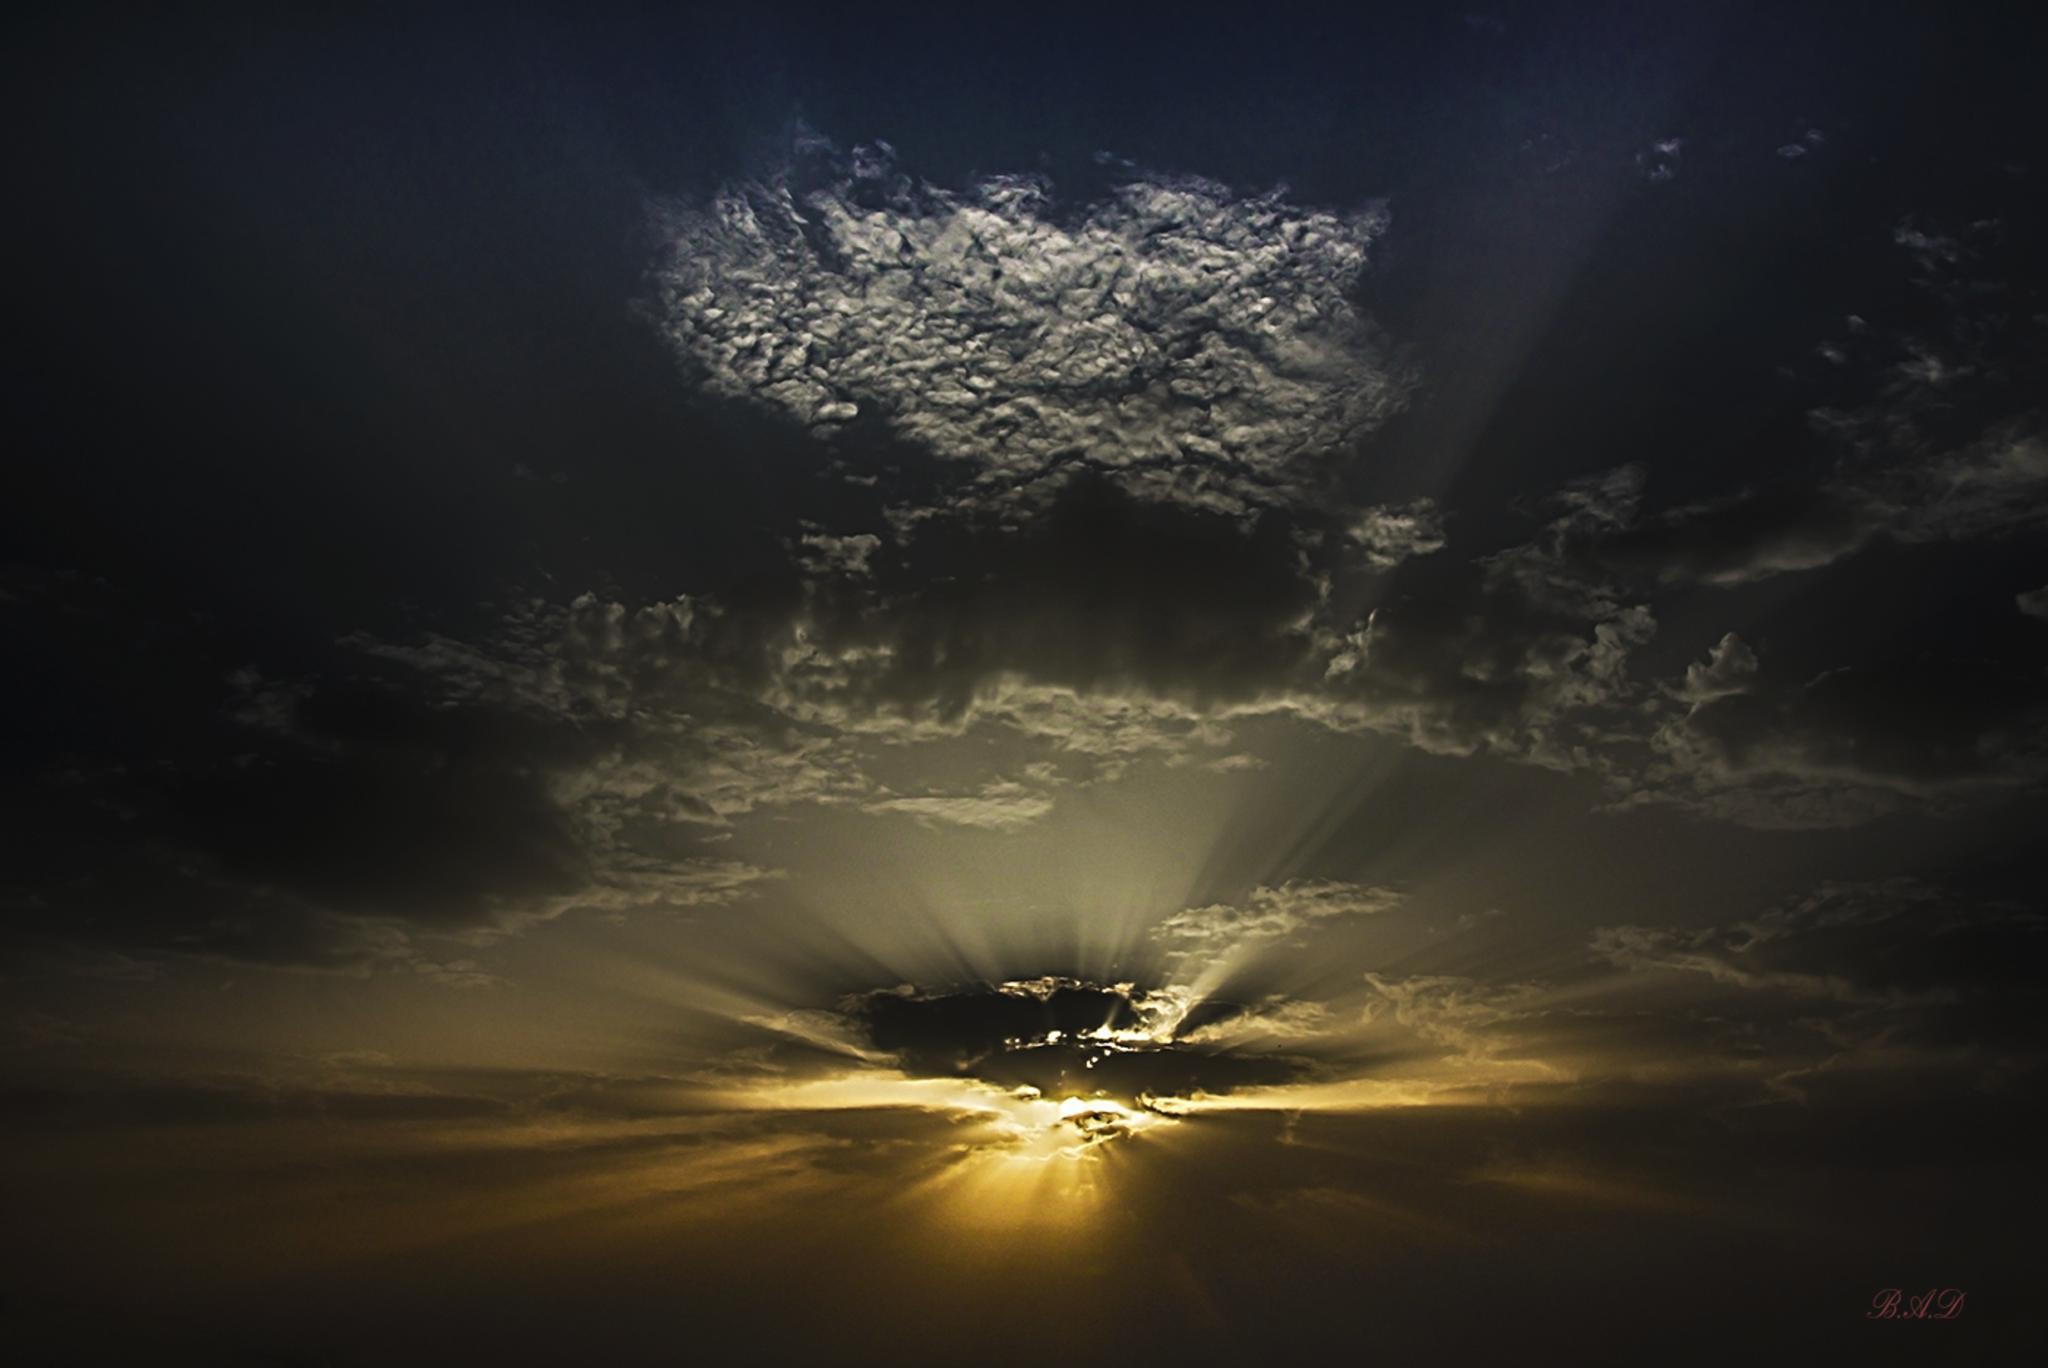 Clouds over Ein Hod by Dan Ben-Arye